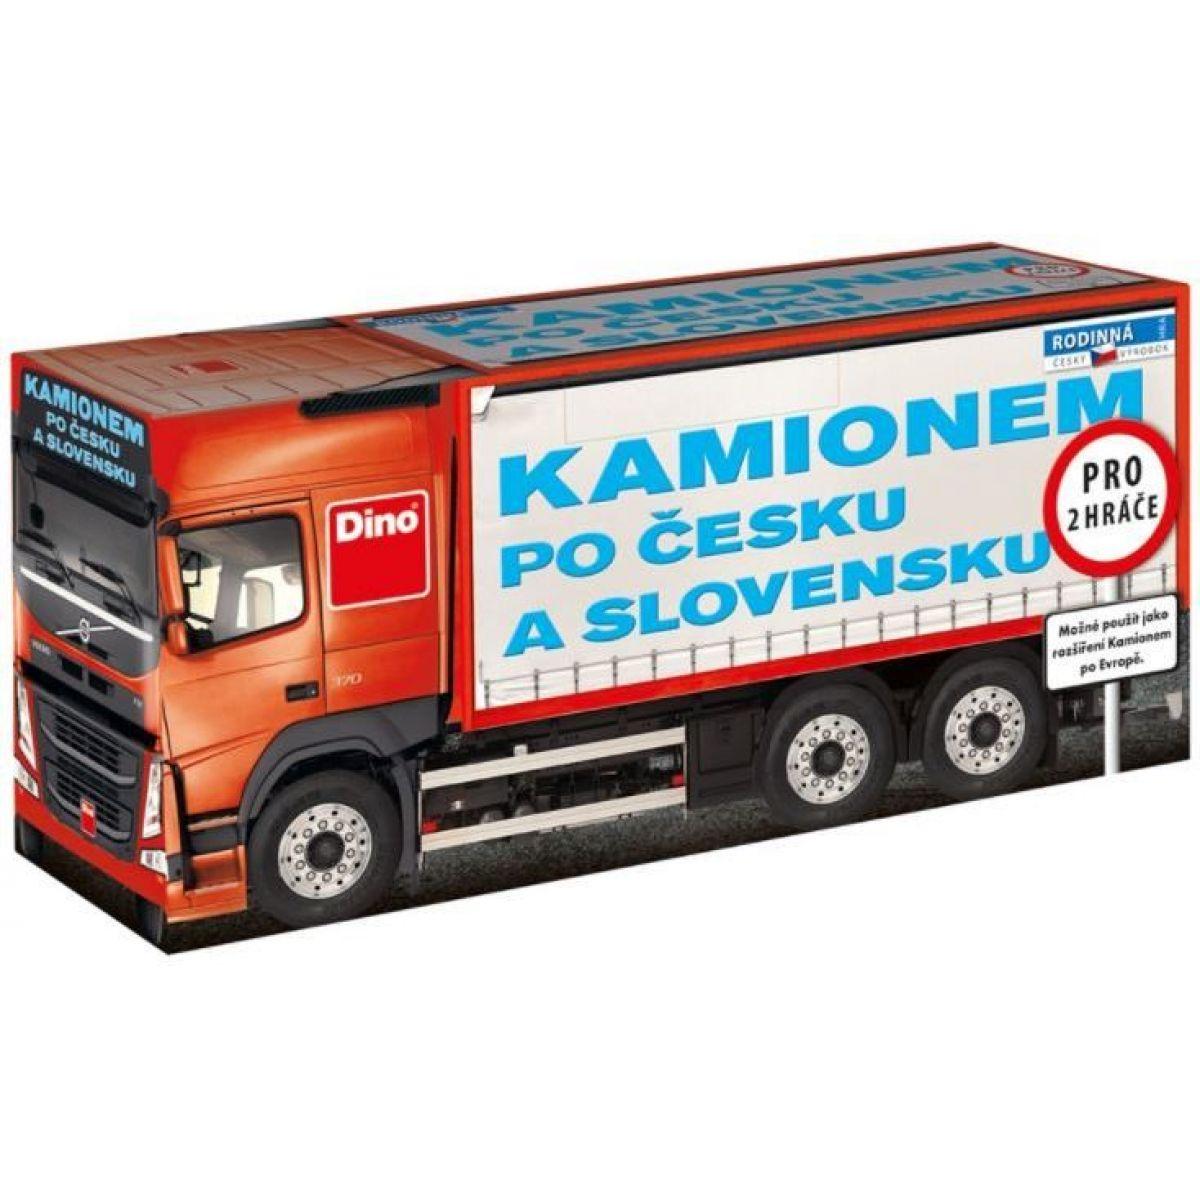 Dino Kamiónom po Česku a Slovensku